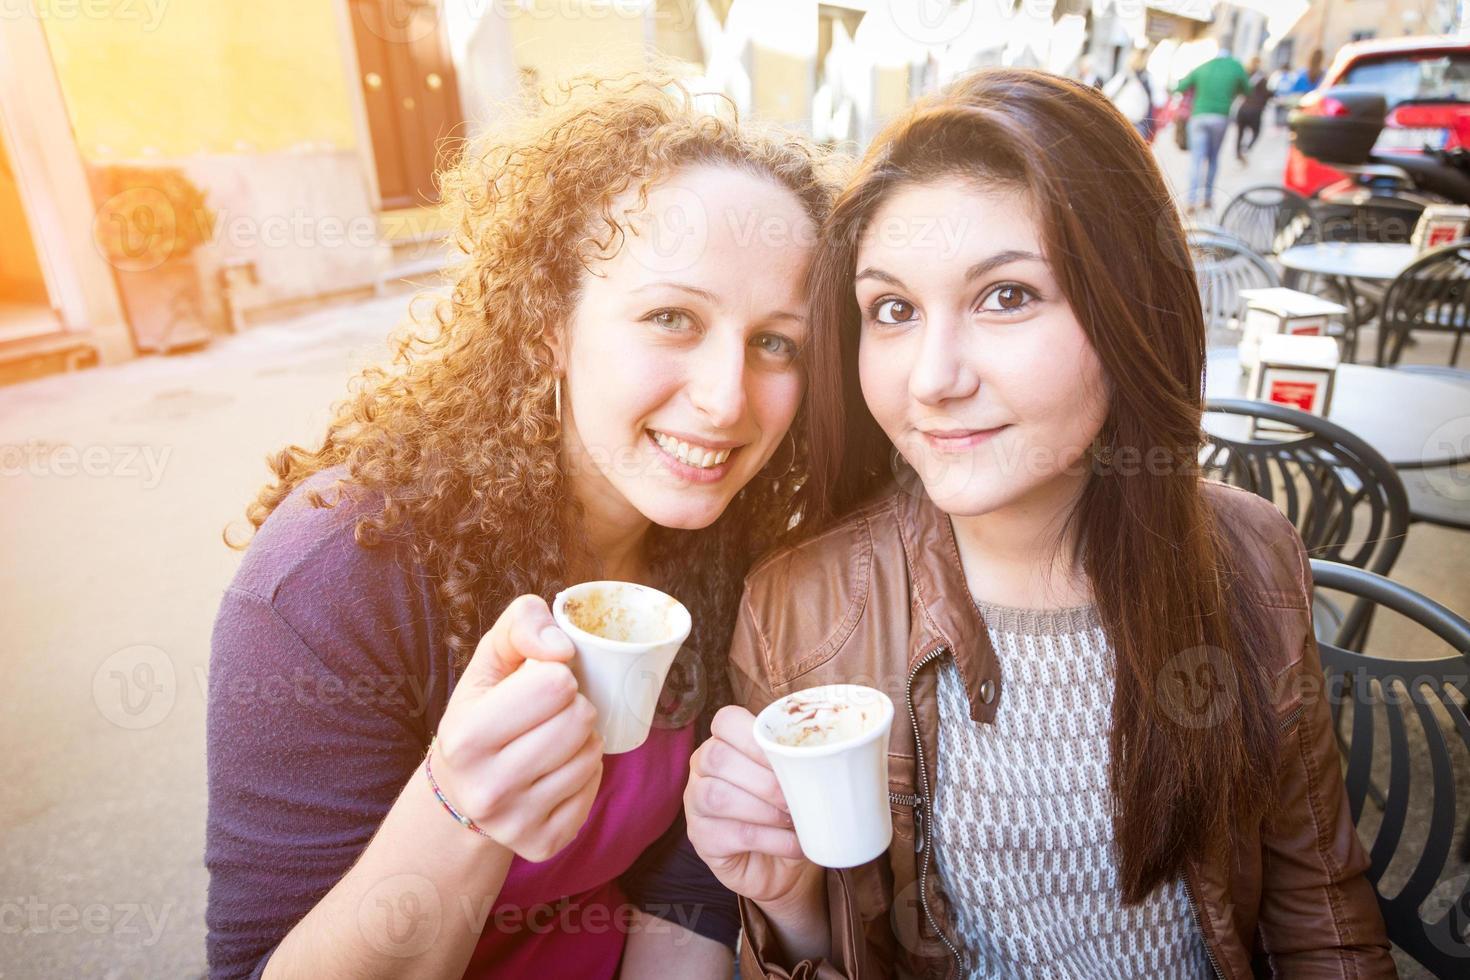 meninas tomando café da manhã tradicional italiano no bar foto